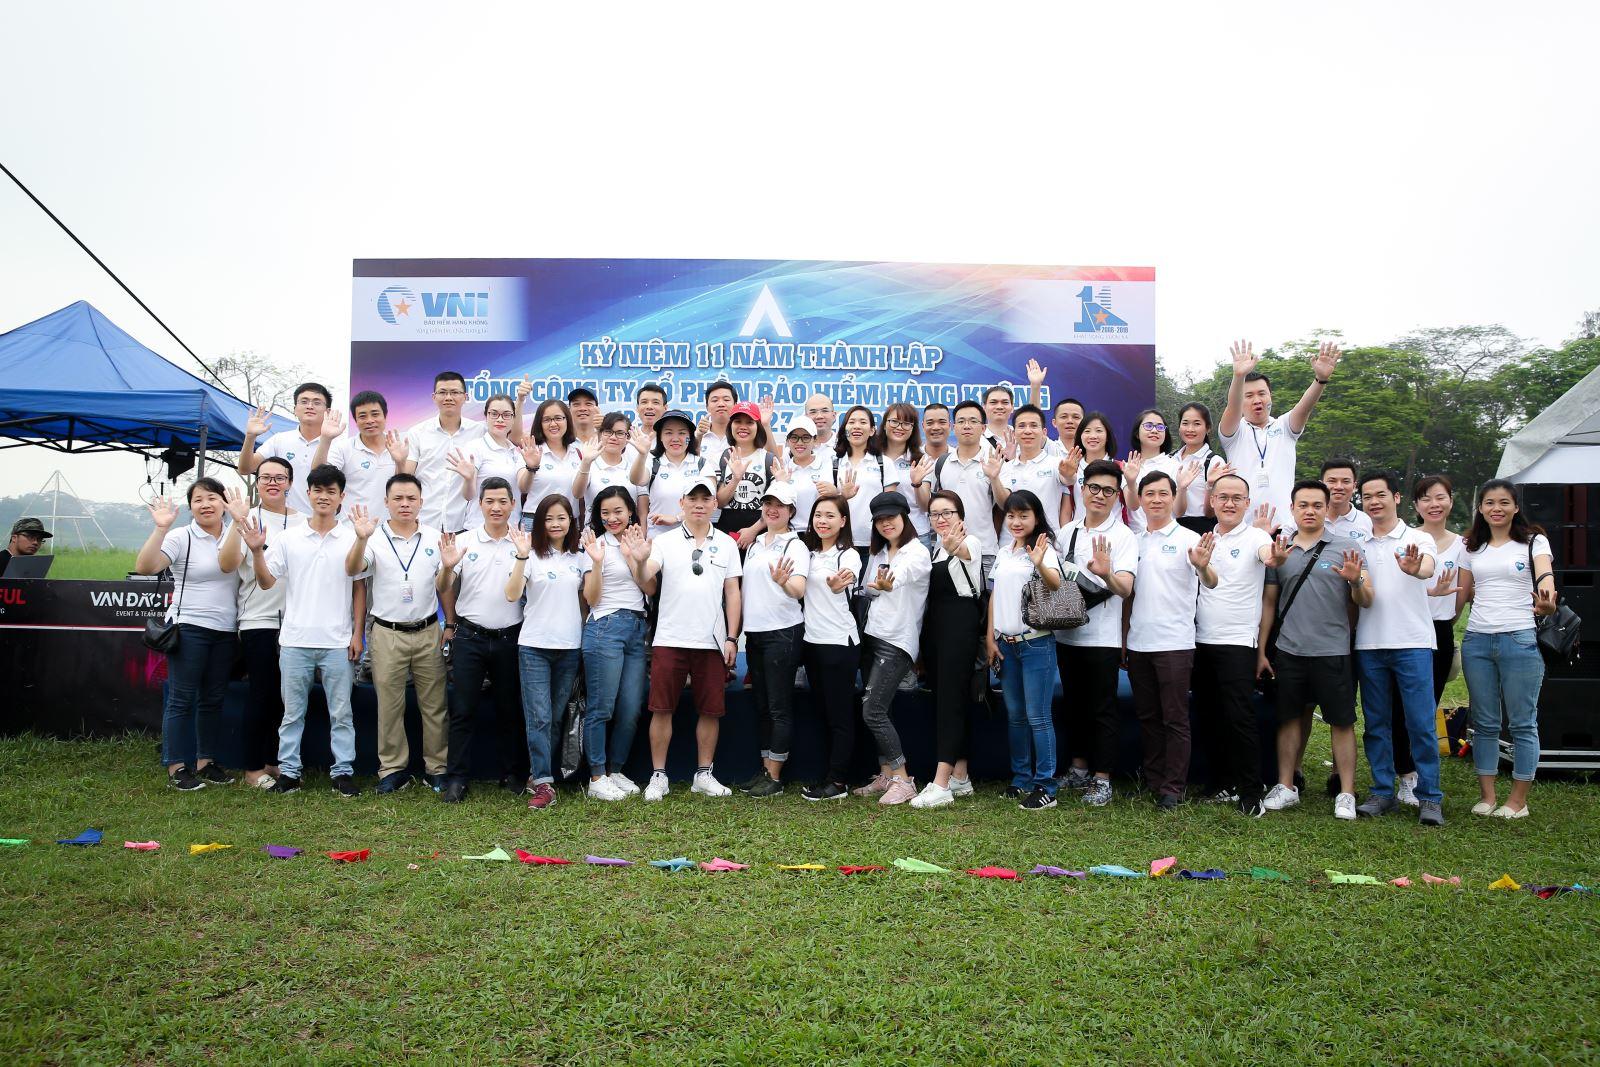 Bảo hiểm Hàng không (VNI) kỷ niệm 11 năm ngày thành lập và tổ chức hoạt động team building